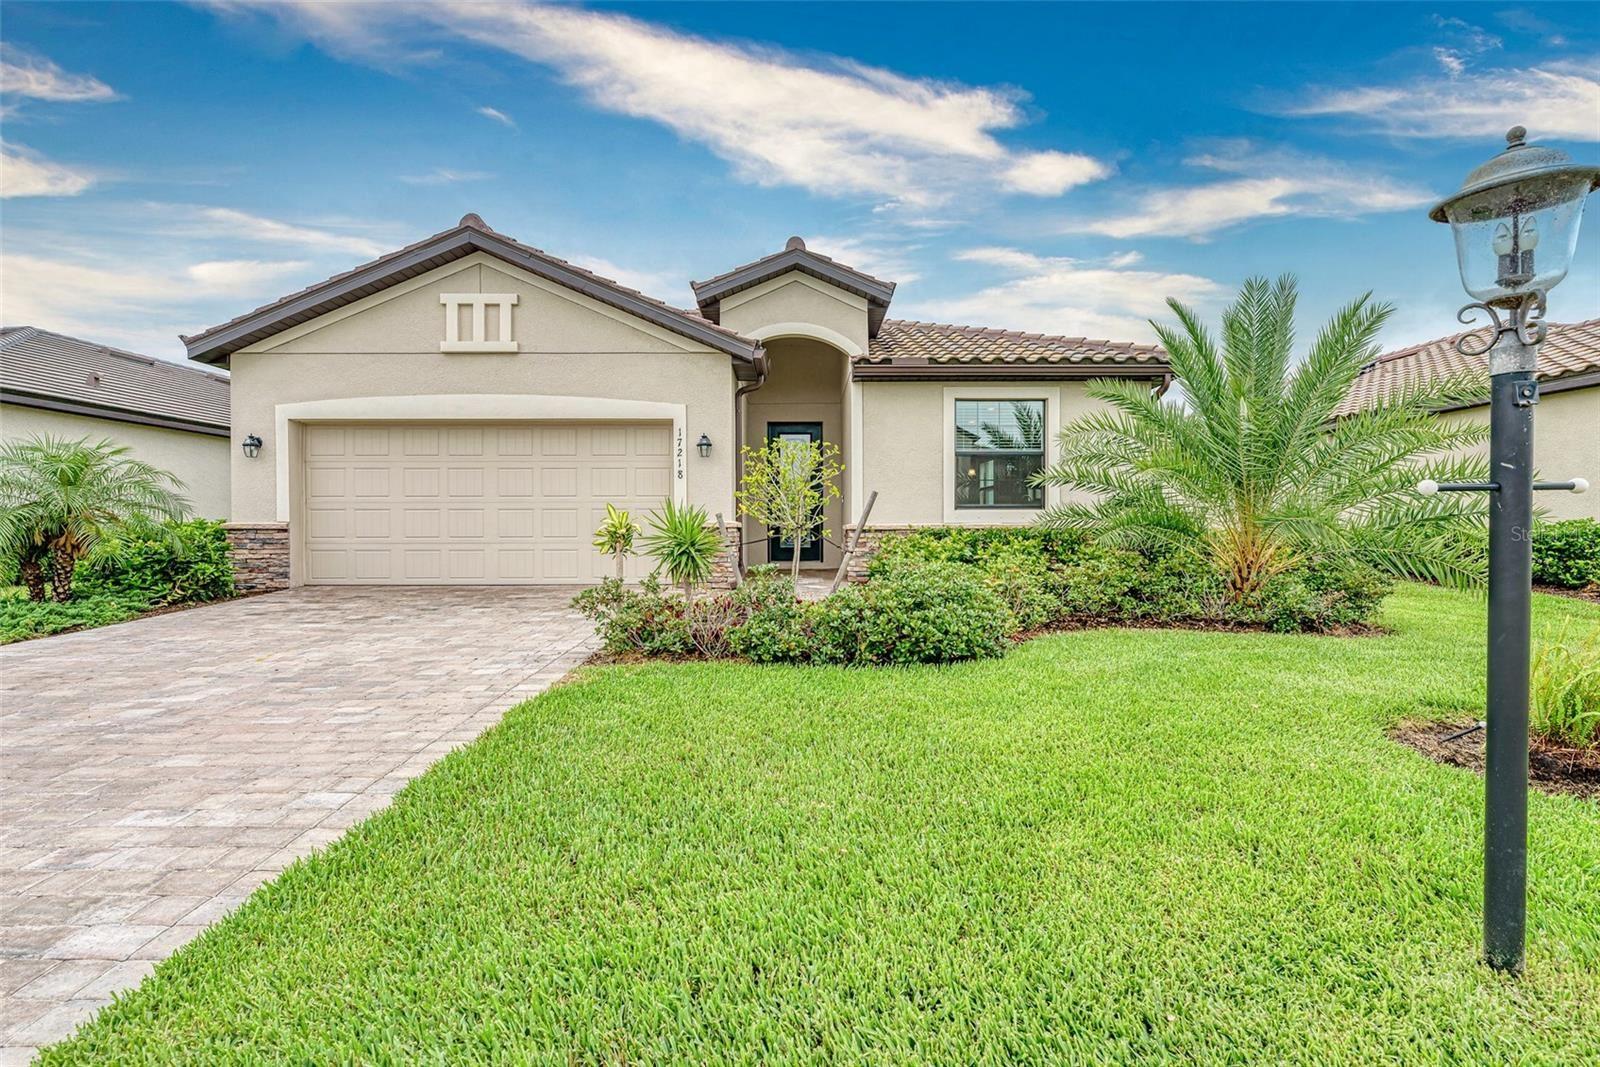 17218 BLUE RIDGE PLACE, Lakewood Ranch, FL 34211 - #: A4505018